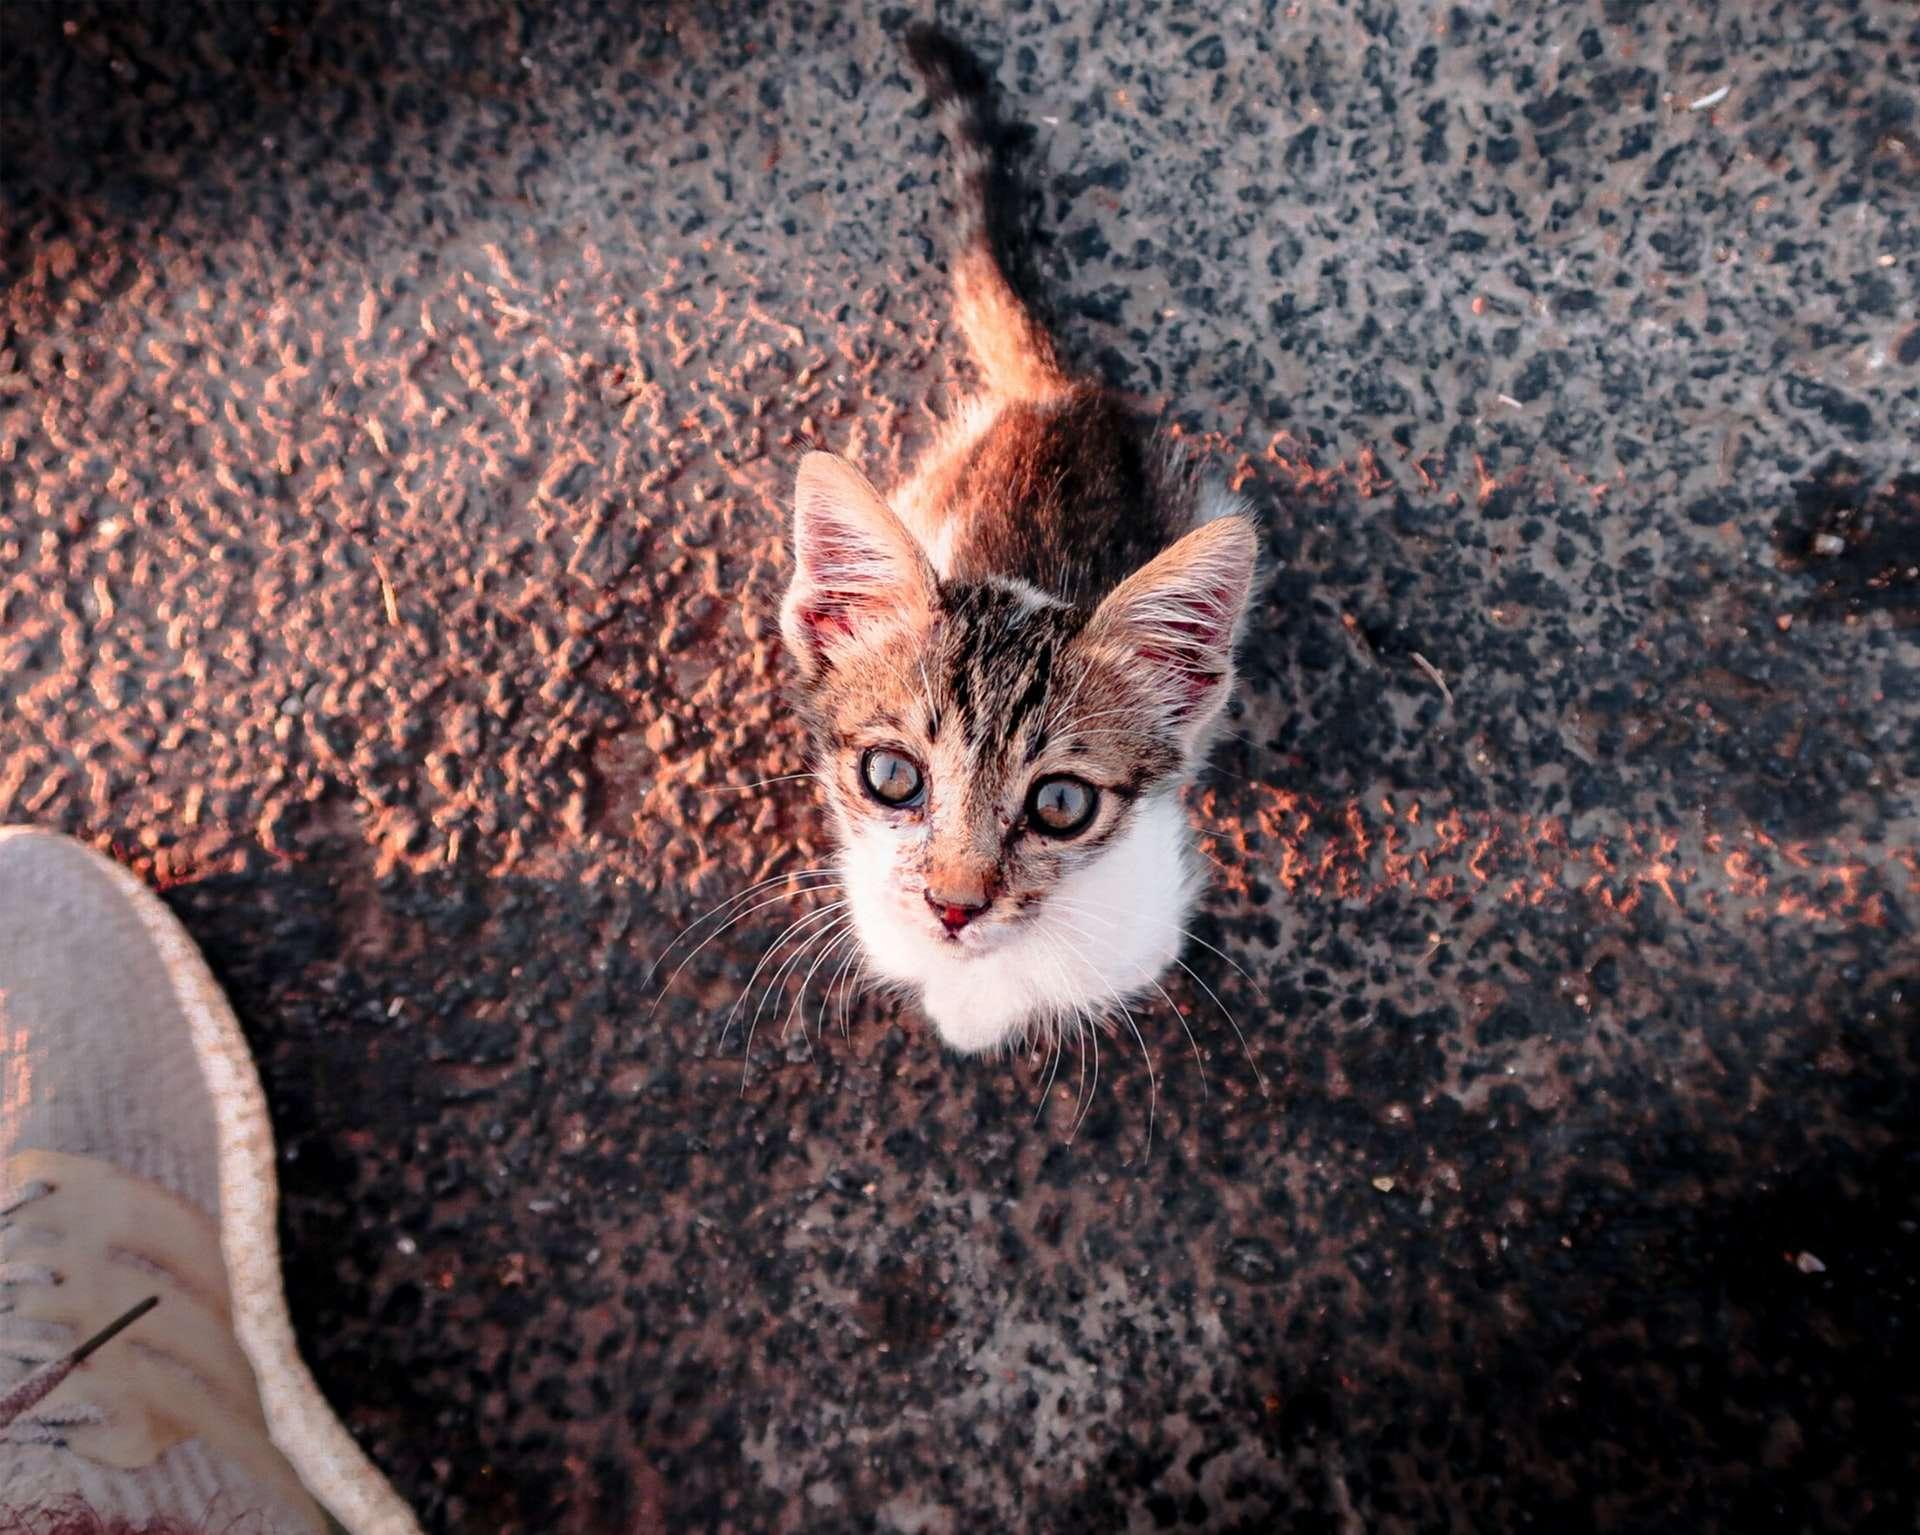 Annesiz Bir Yavru Kedi Bulunduğunda Ne Yapılmalı?